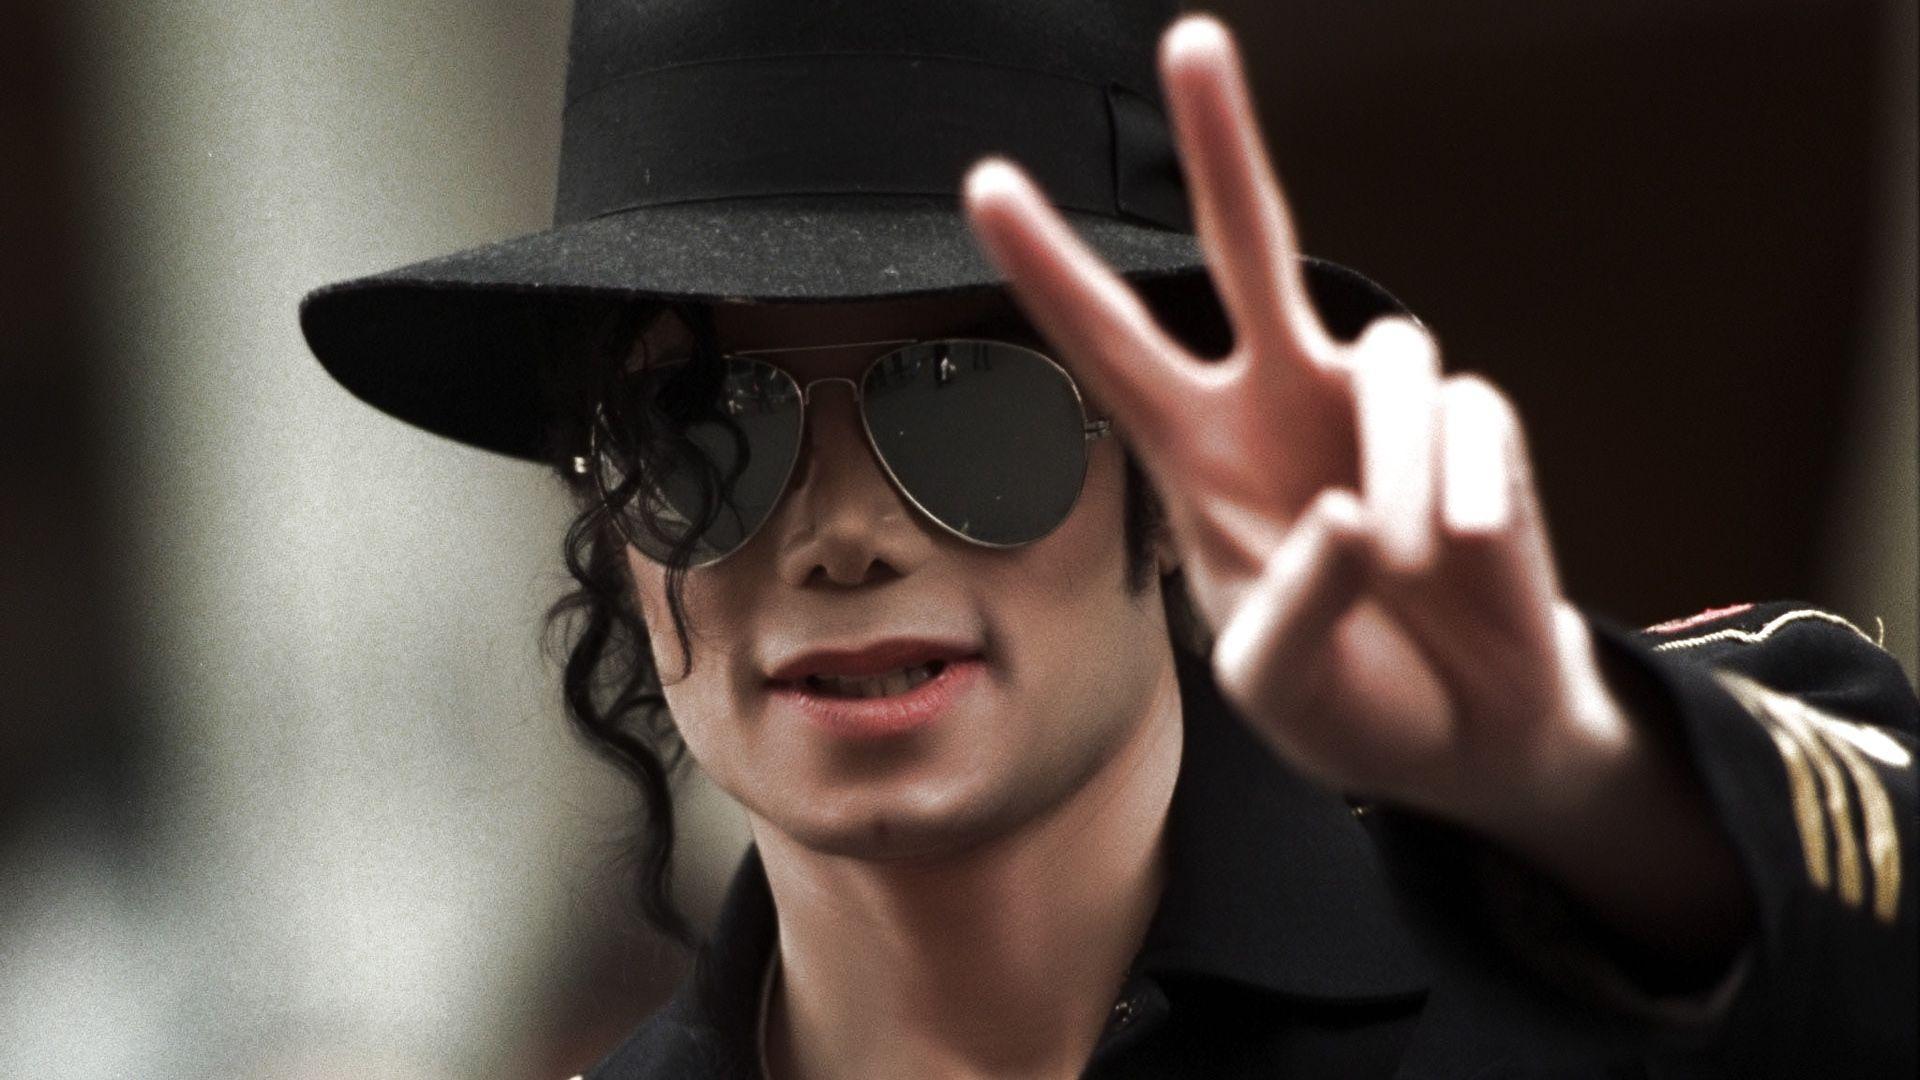 How did Michael Jackson die